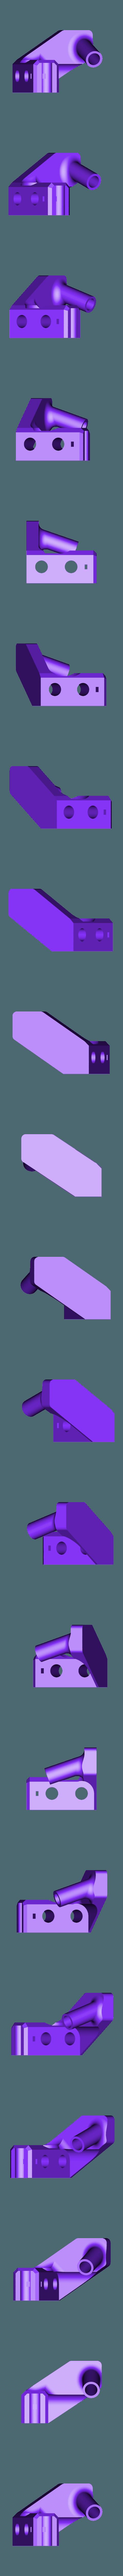 y-corner-right.stl Download free STL file Prusa i3 frame reinforcement • 3D printer template, MaxMKA